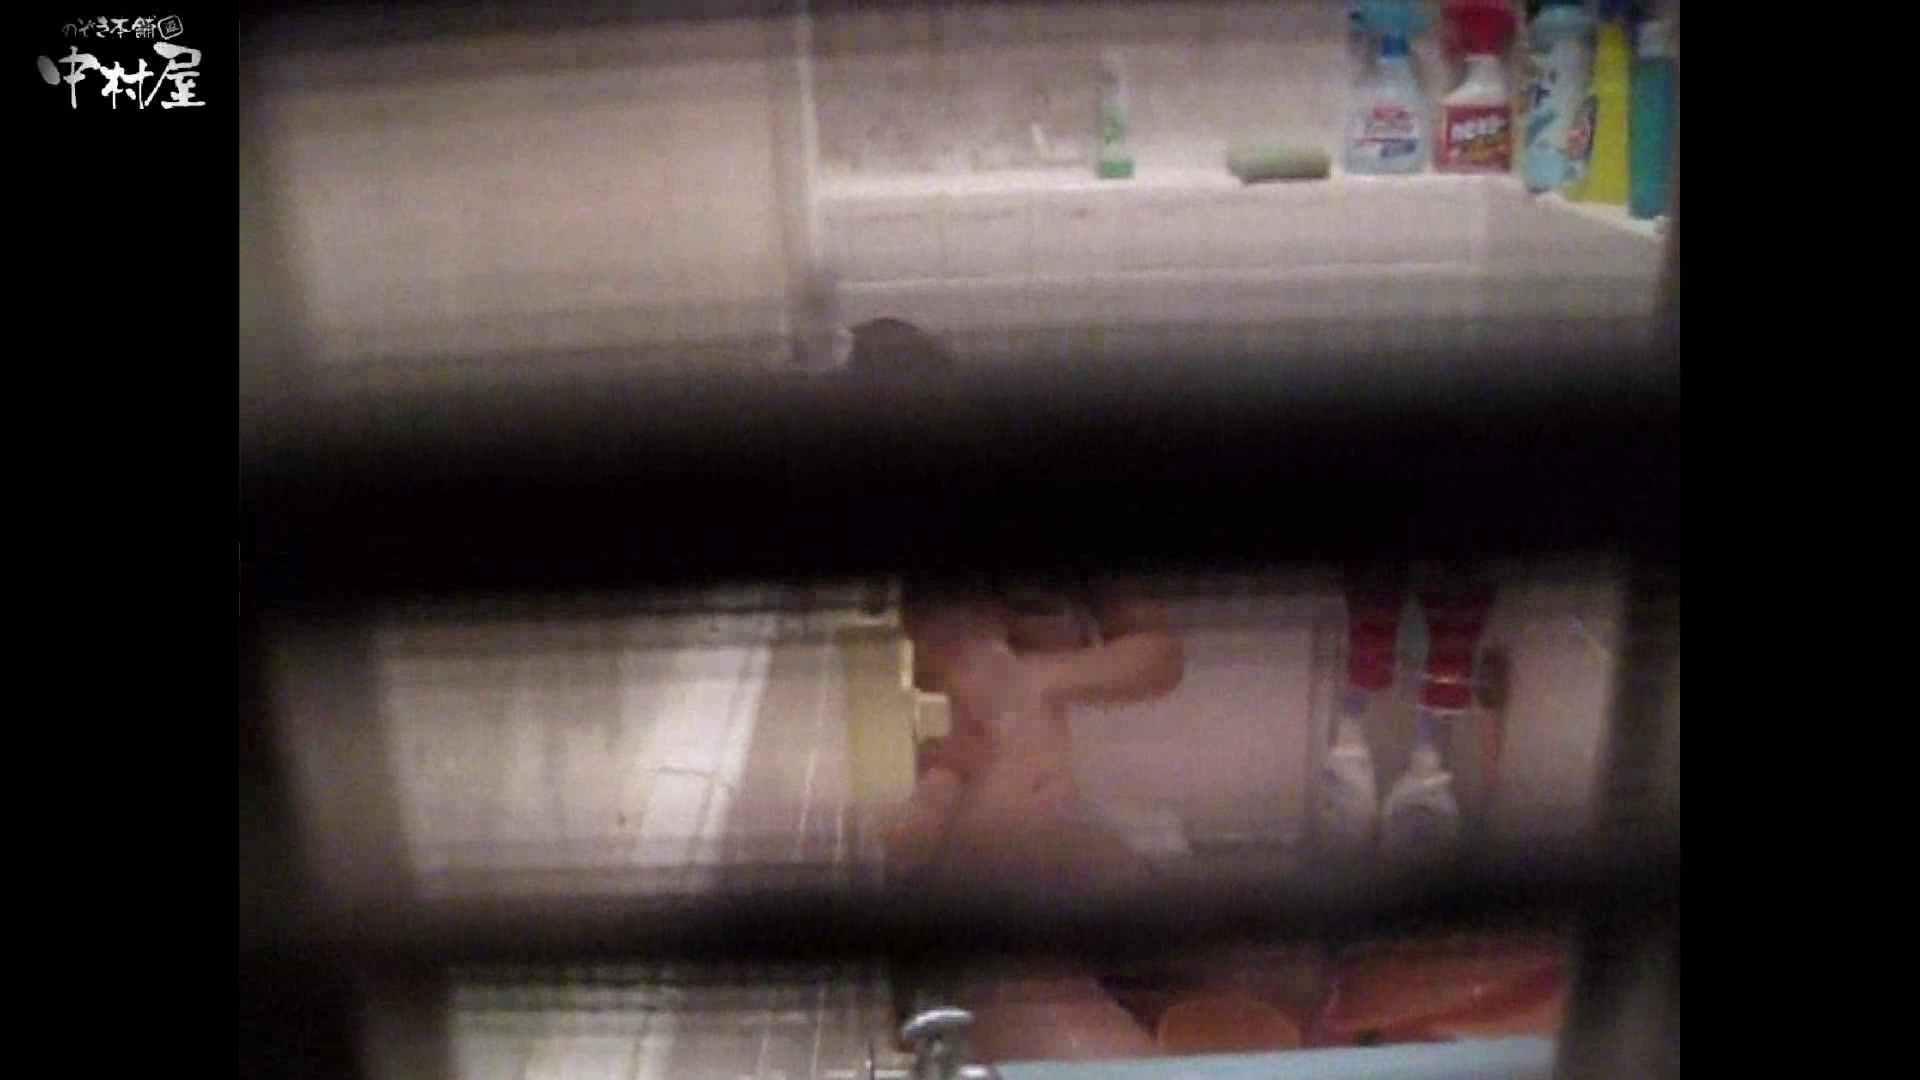 民家風呂専門盗撮師の超危険映像 vol.017 美女エロ画像 おめこ無修正動画無料 93PICs 28